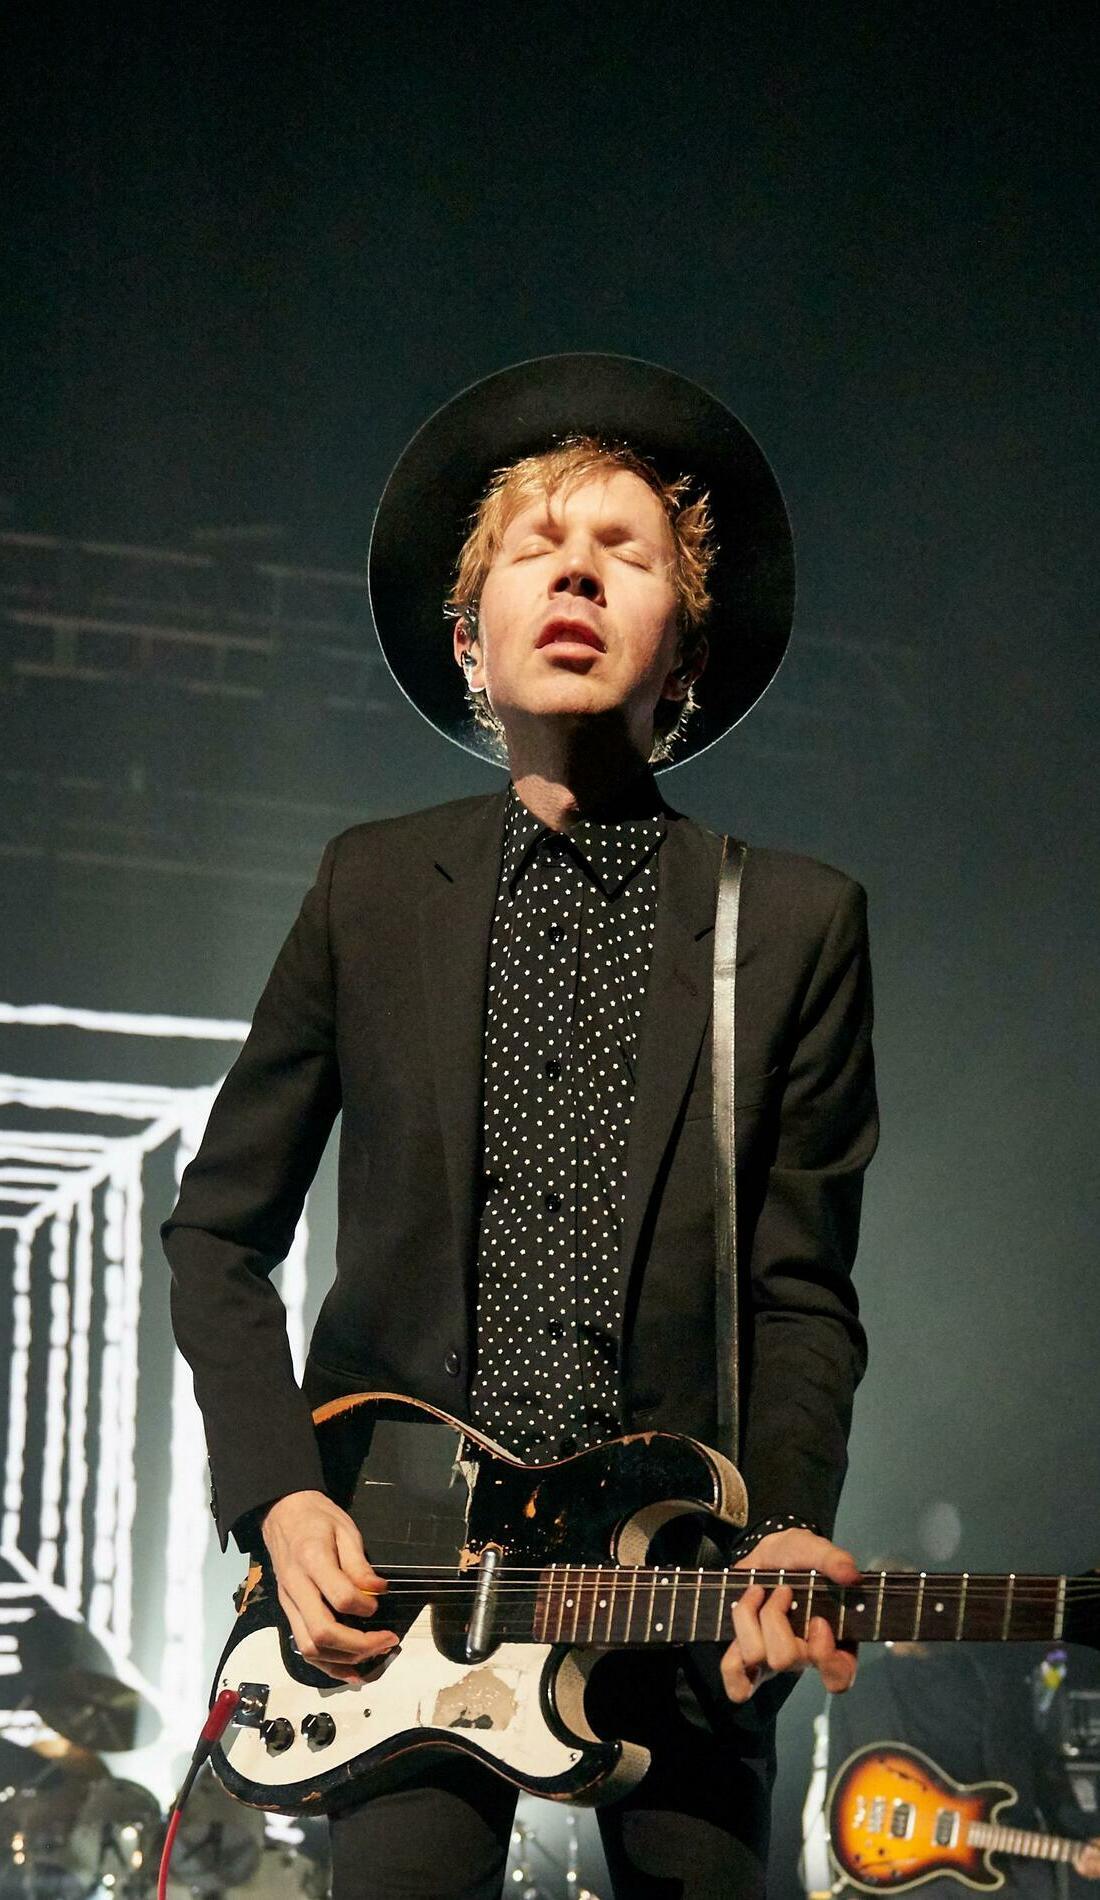 A Beck live event